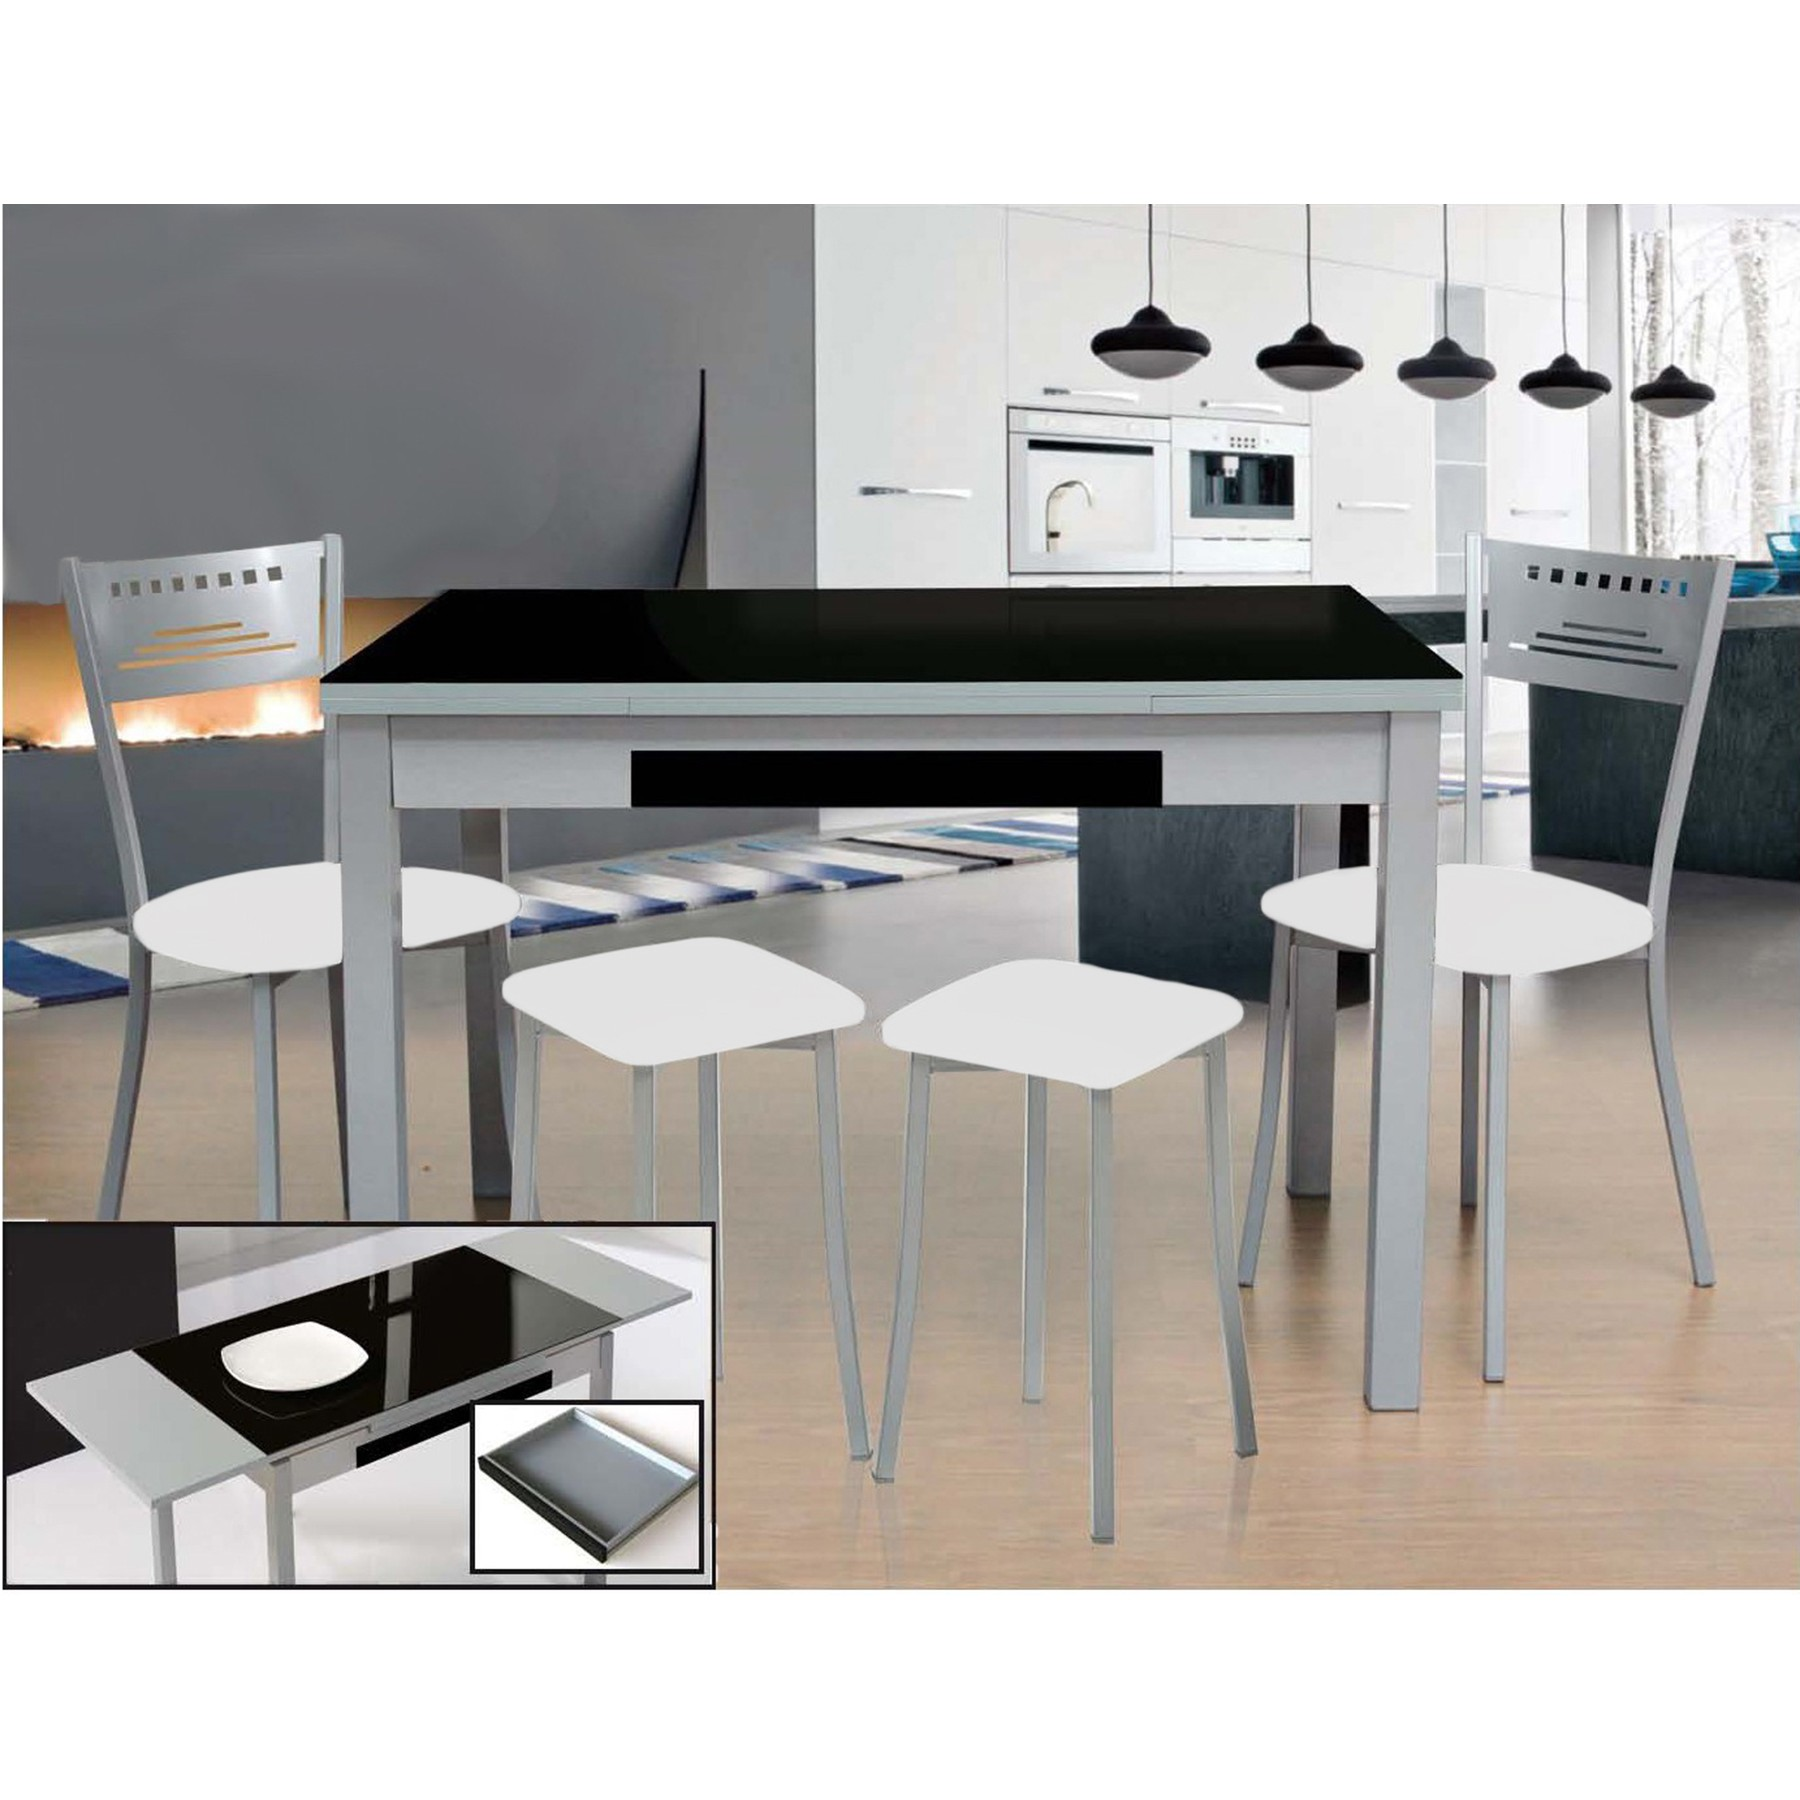 Pack oferta de mesa de cocina 100x60 extensible MOON y 5 sillas